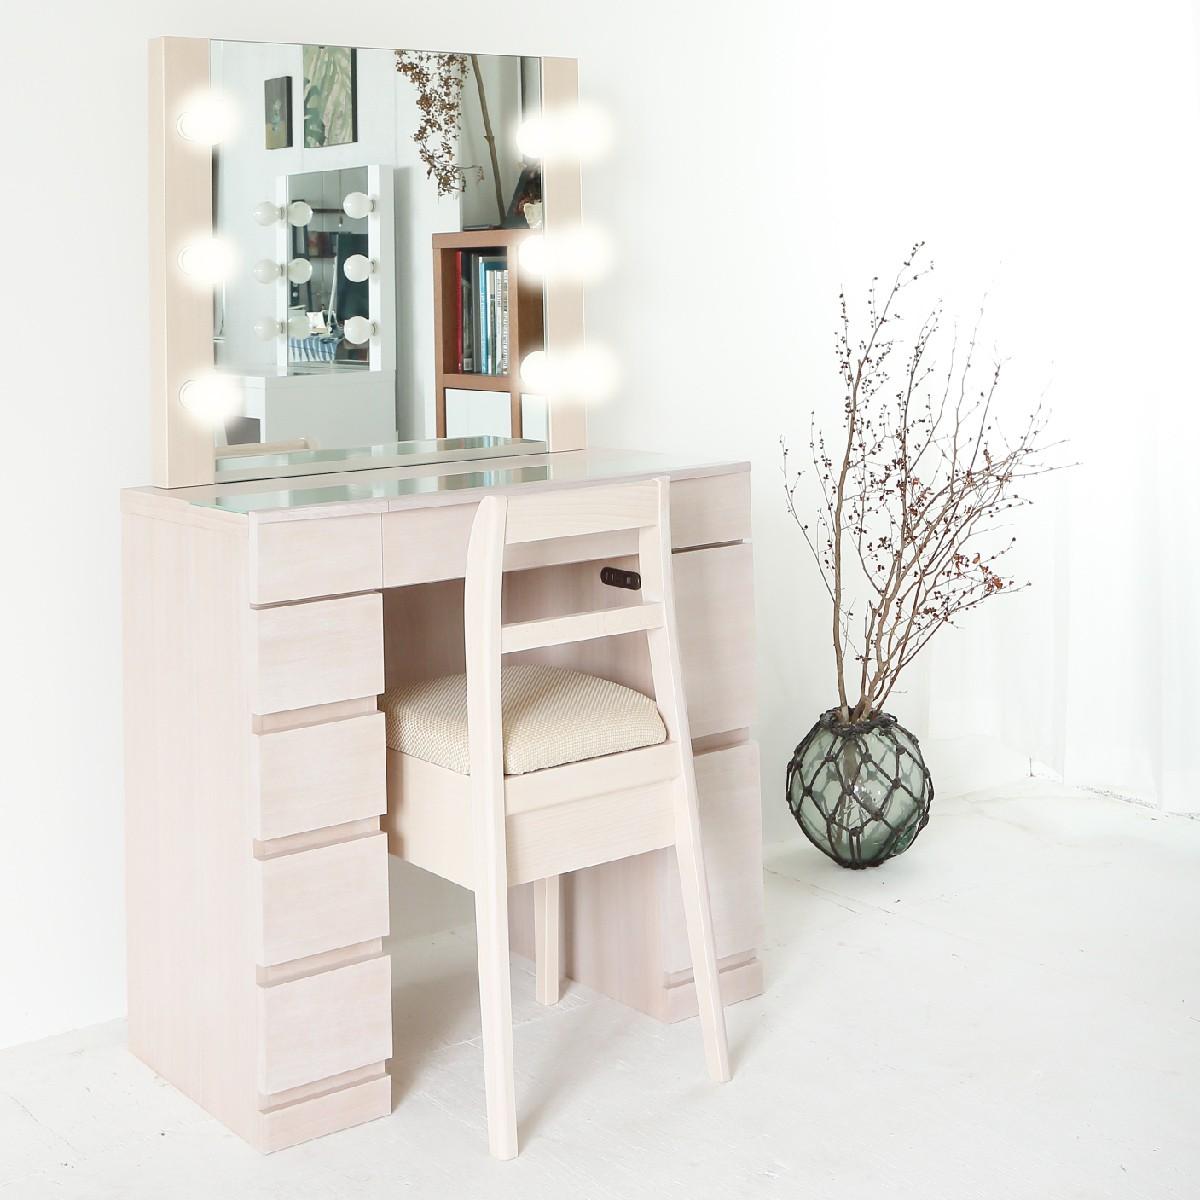 一面鏡の高級ドレッサー、高級家具、職人の丁寧な仕事